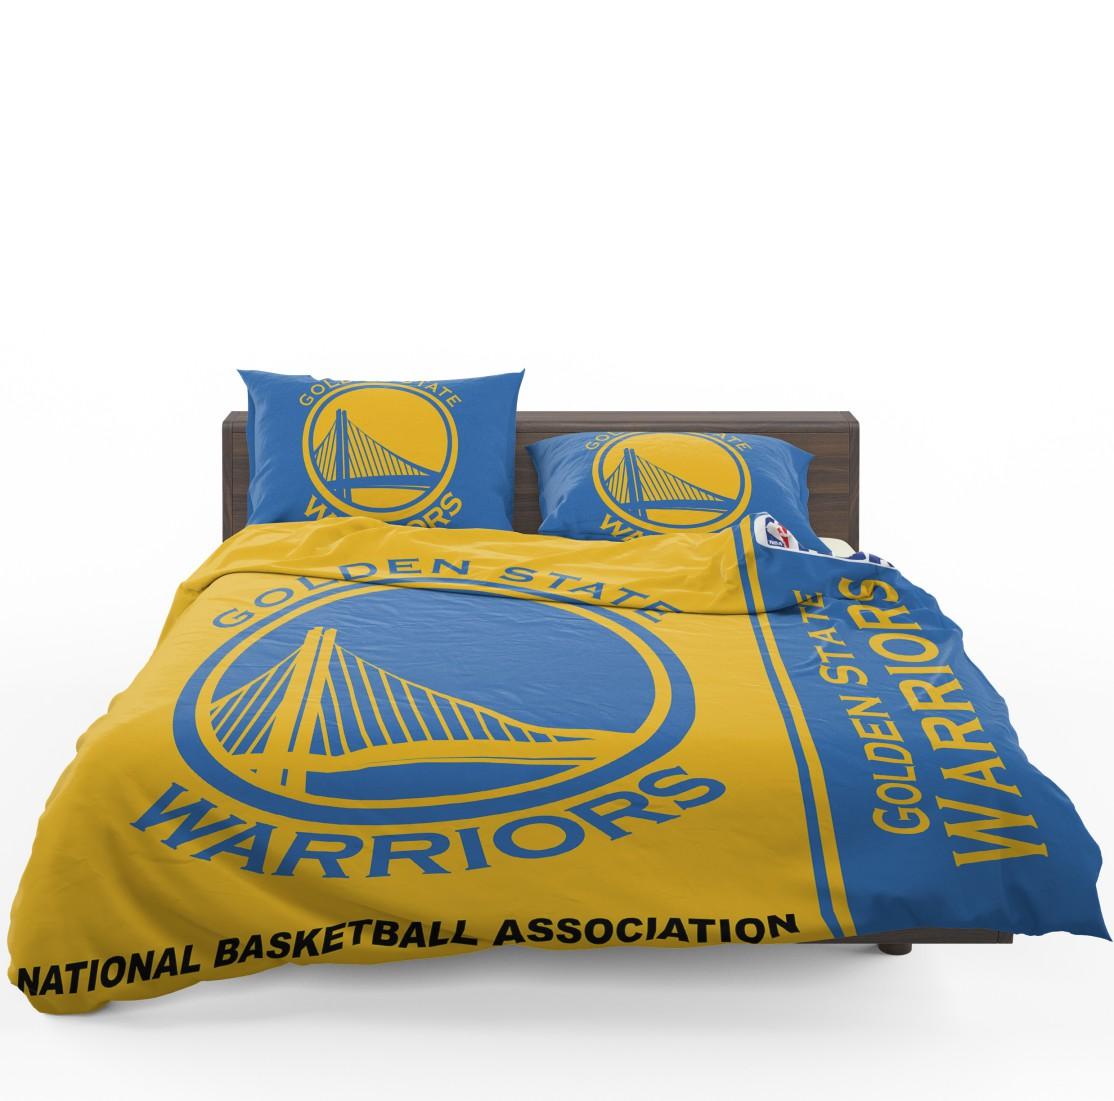 Golden State Warriors Nba Basketball Bedding Set